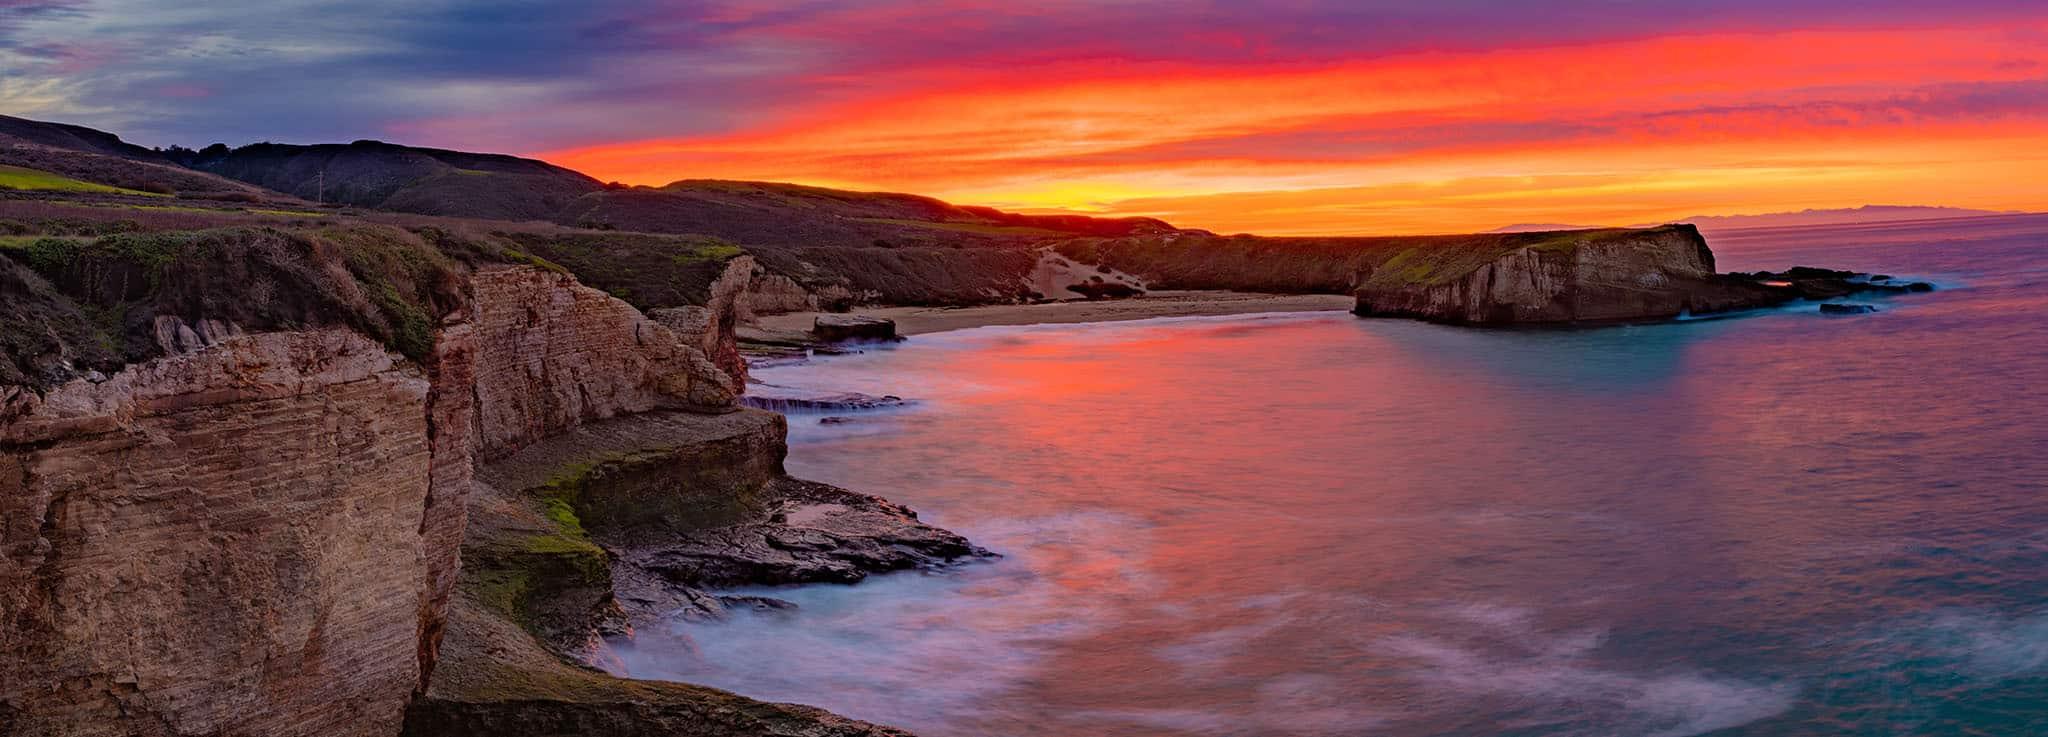 colorful sunrise panorama along California coast